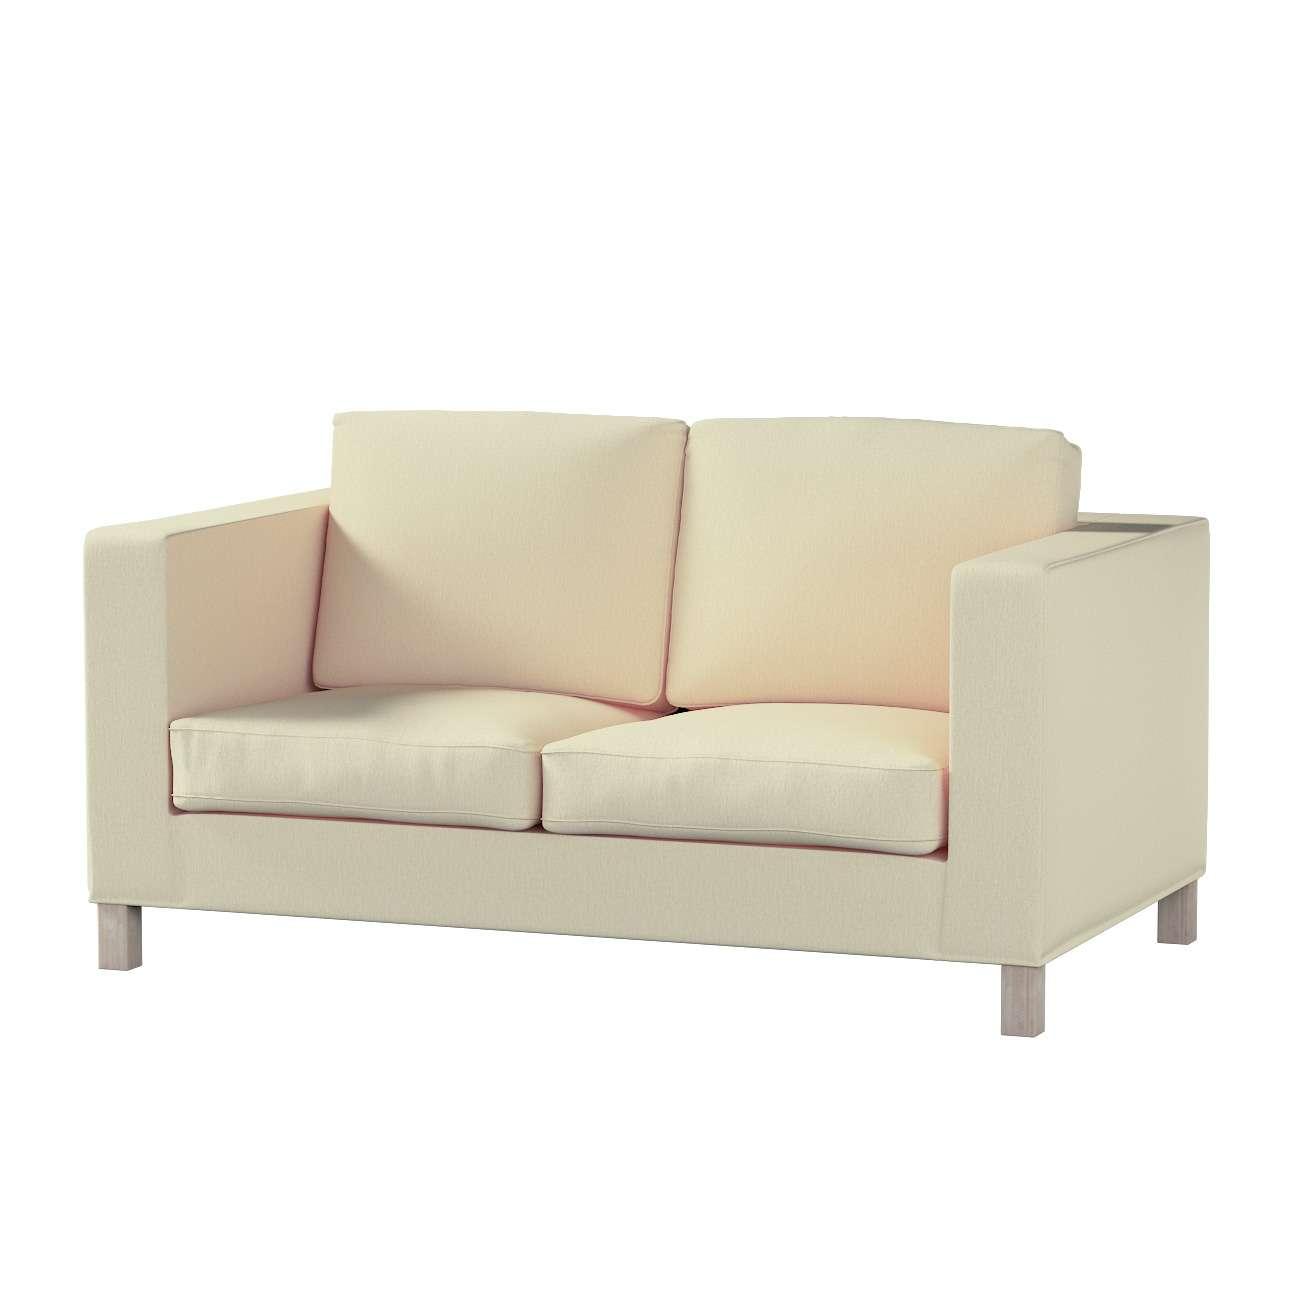 Pokrowiec na sofę Karlanda 2-osobową nierozkładaną, krótki Sofa Karlanda 2-os w kolekcji Chenille, tkanina: 702-22